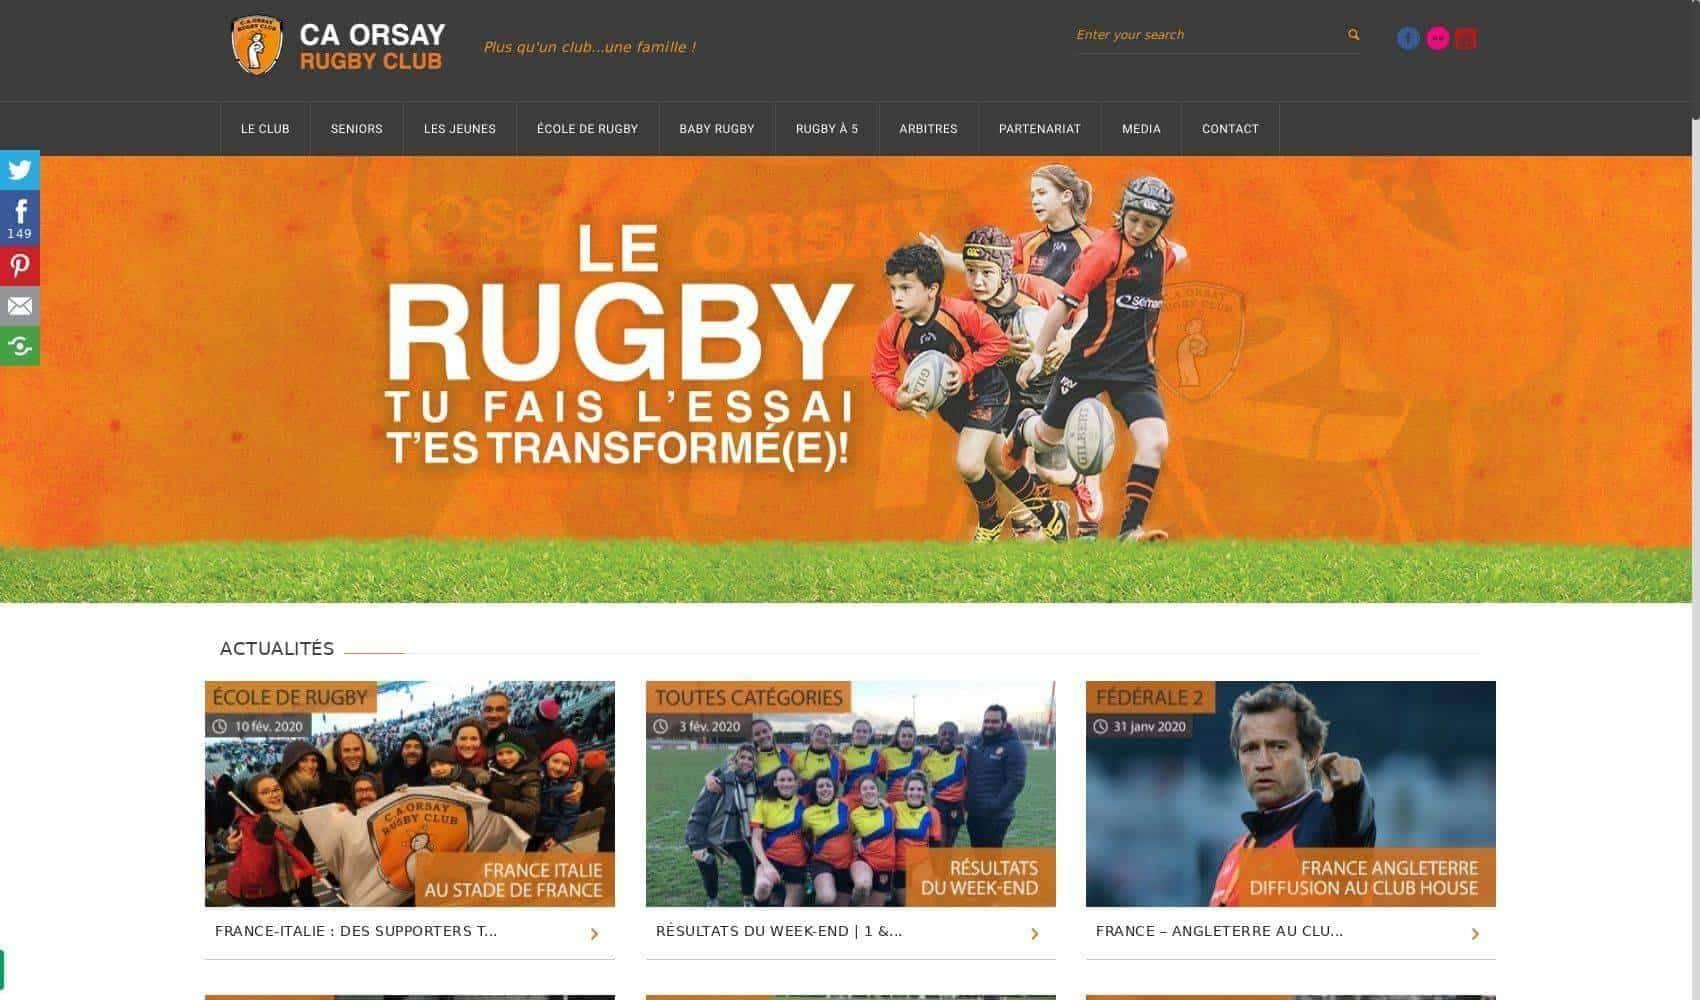 Club Athlétique d'Orsay Rugby Club (Orsay)